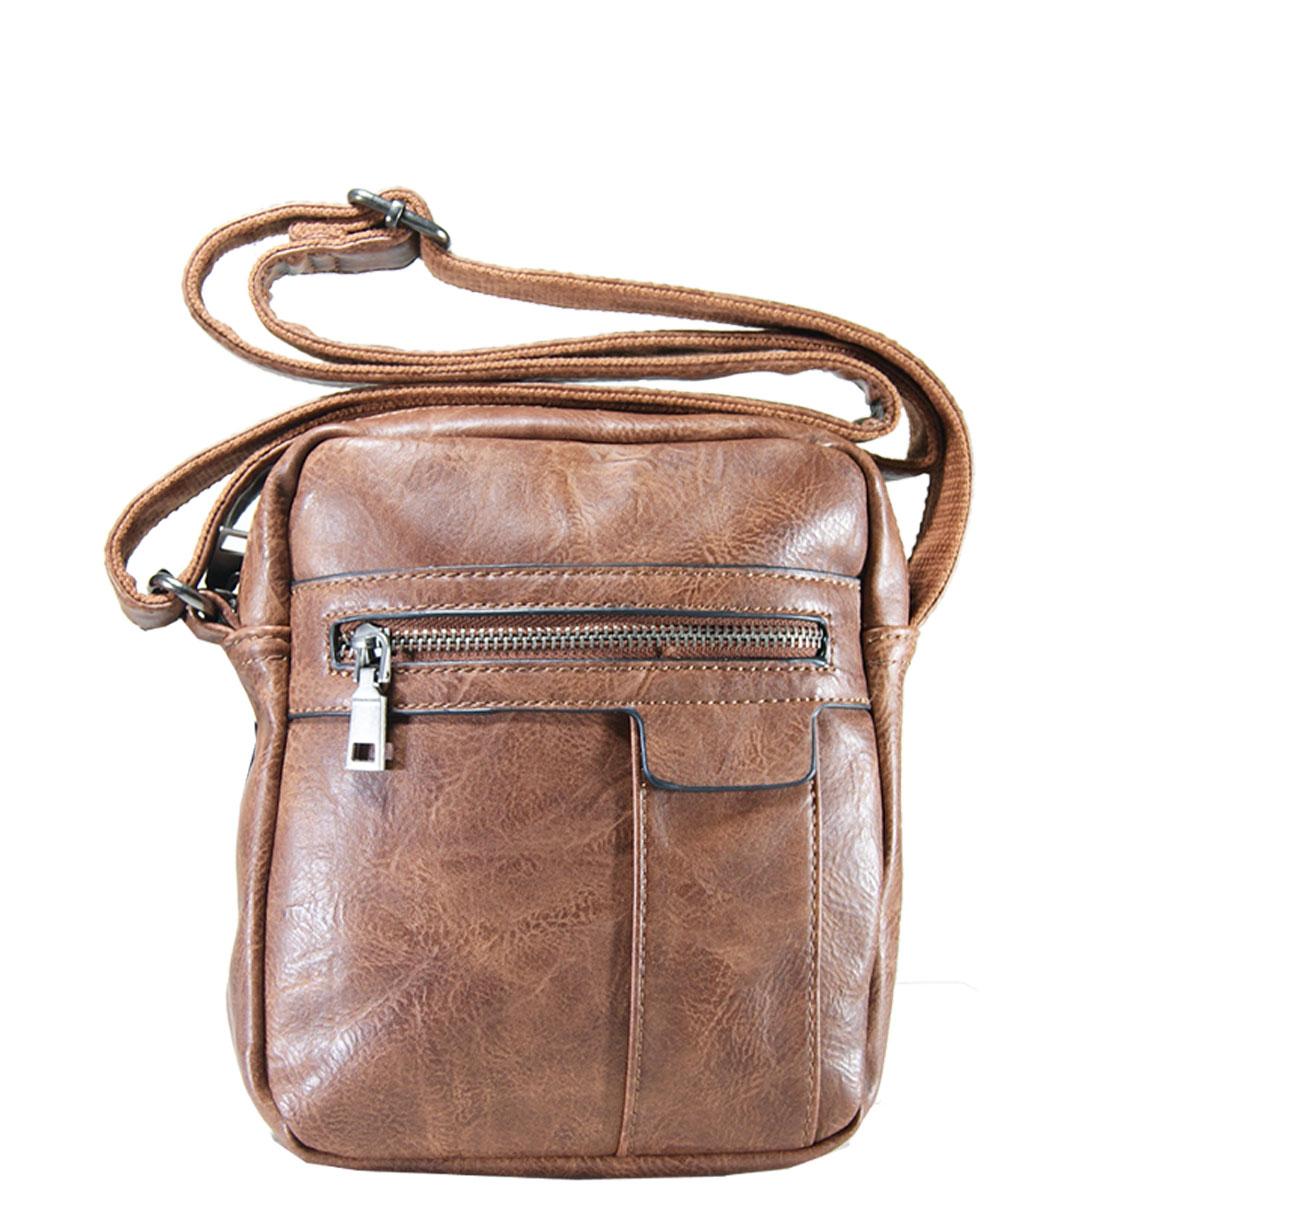 Τσάντα ώμου ανδρική Νο 981 - Ταμπά (Phil HL-981)